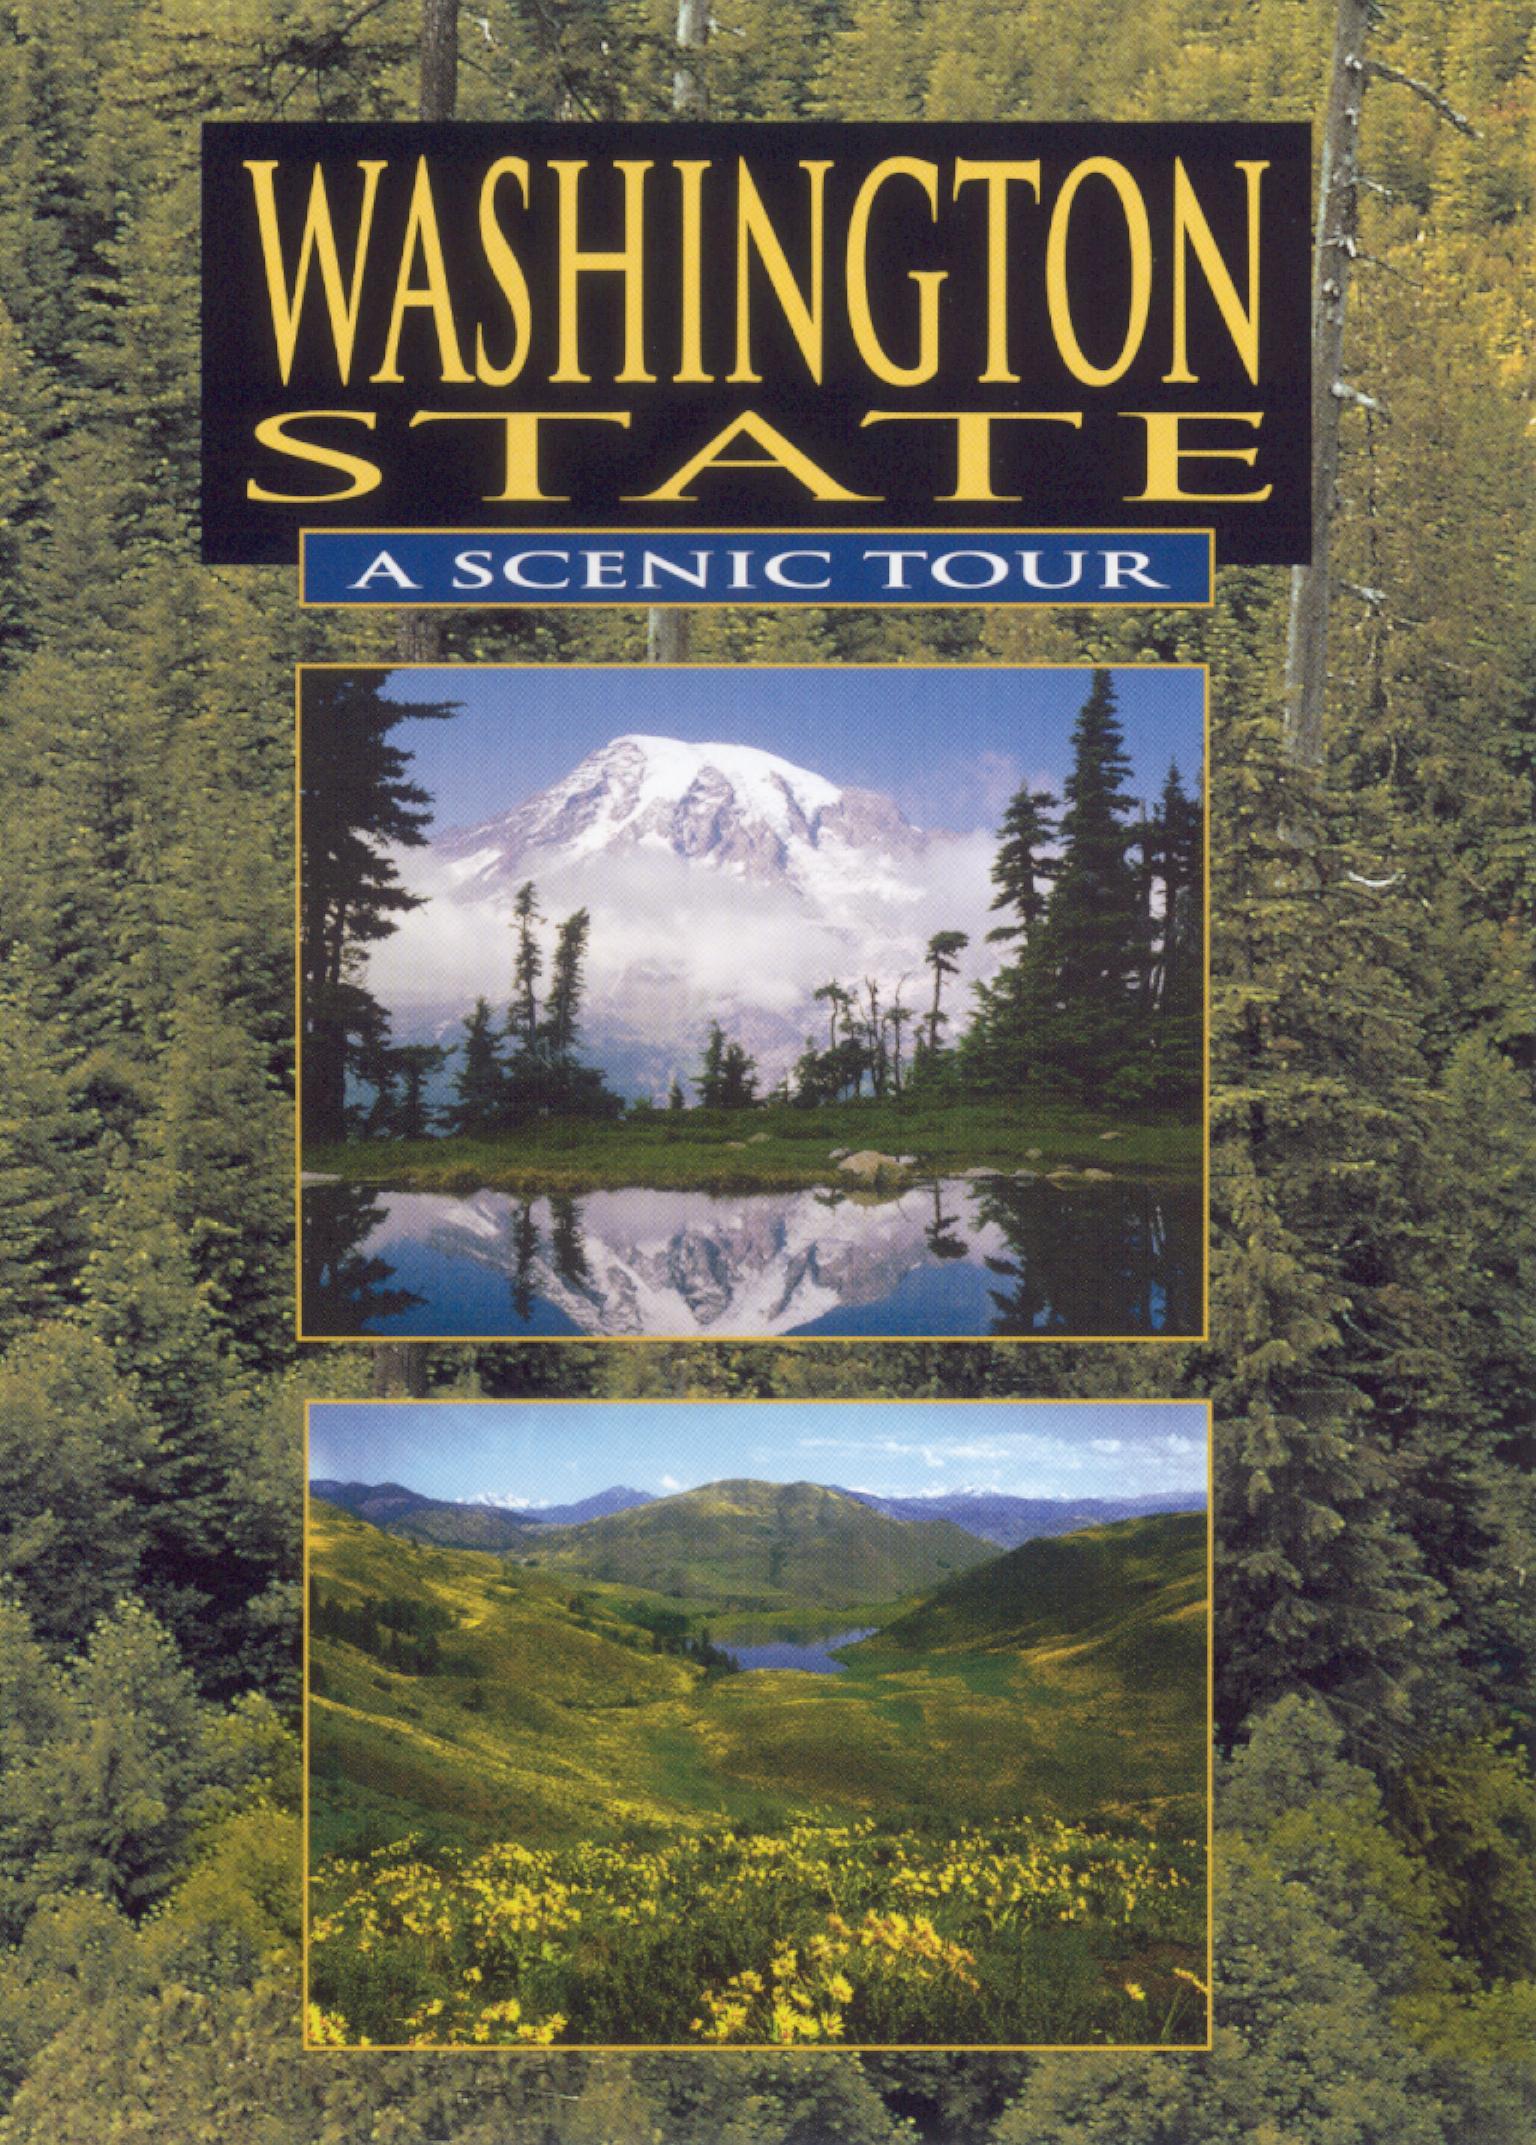 Washington State: A Scenic Tour